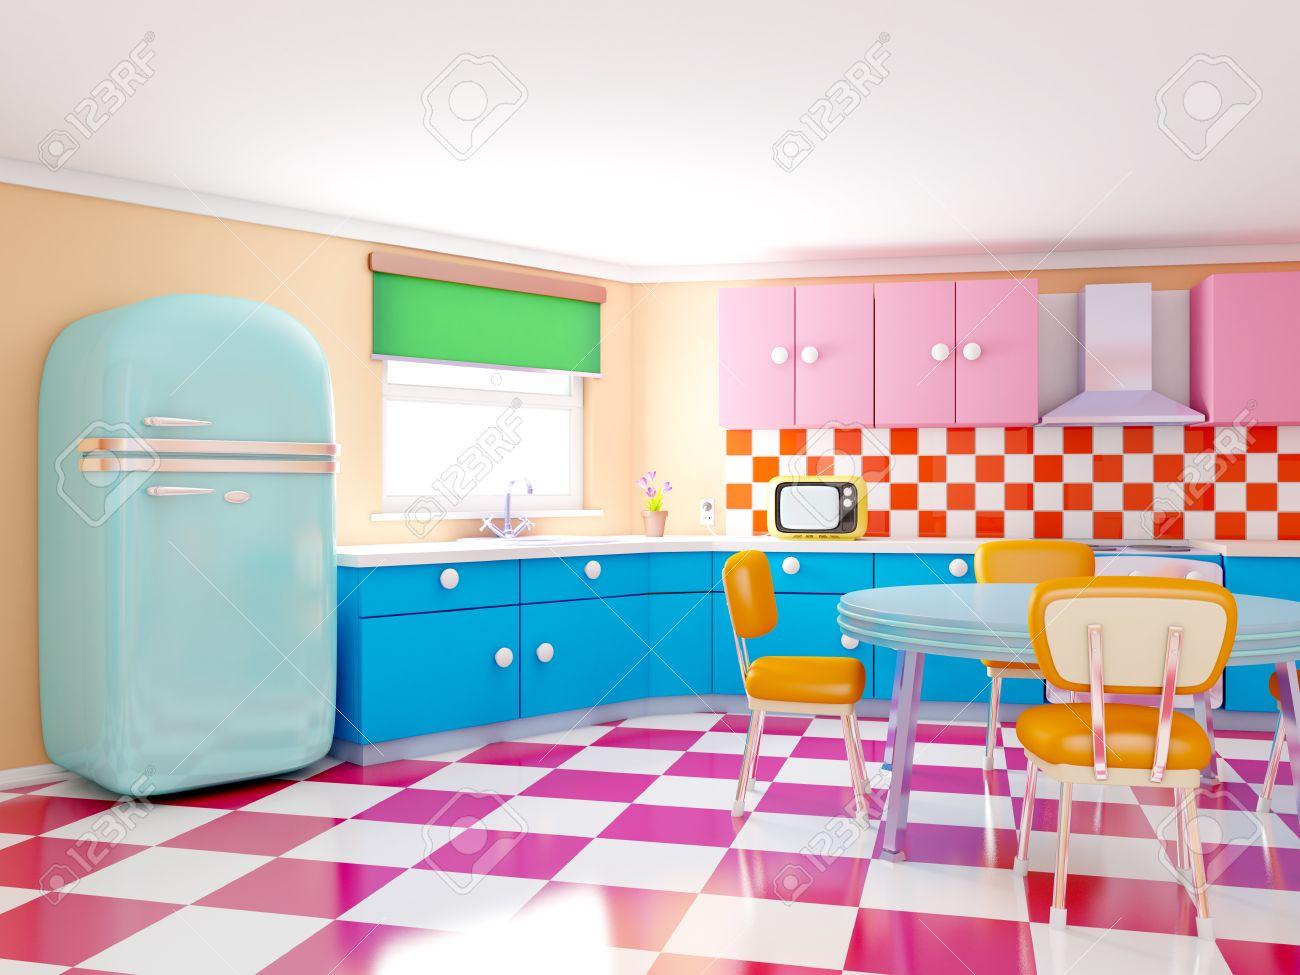 Retro Küche Im Cartoon-Stil Mit Karierten Boden. 3D-Darstellung ...